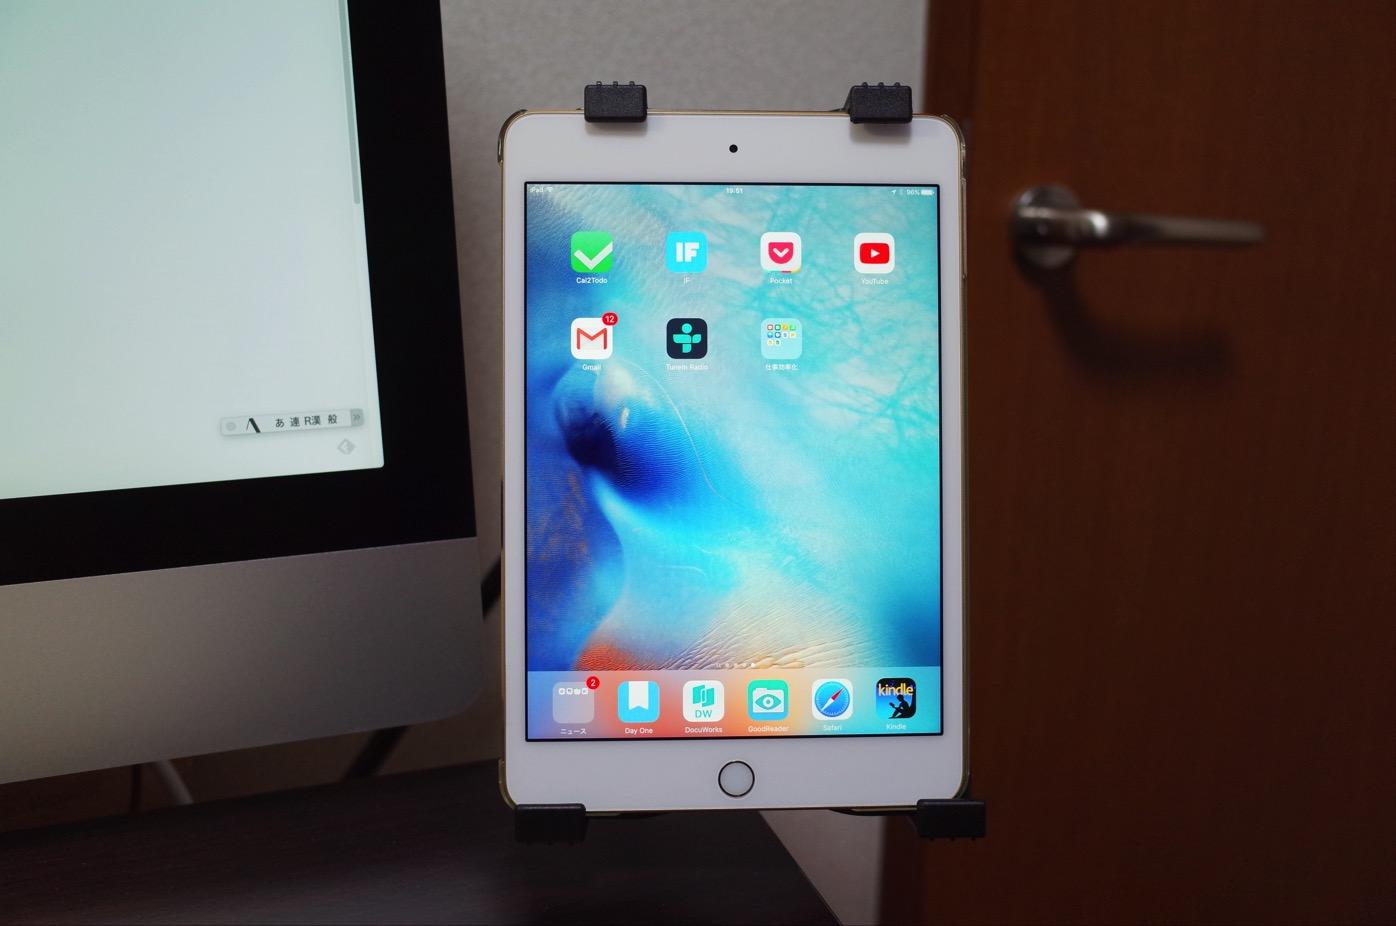 [Apple][iPad]こうすれば隠れたスイッチを回避できた「iPad mini 4」専用フレキシブルアーム付きスタンド